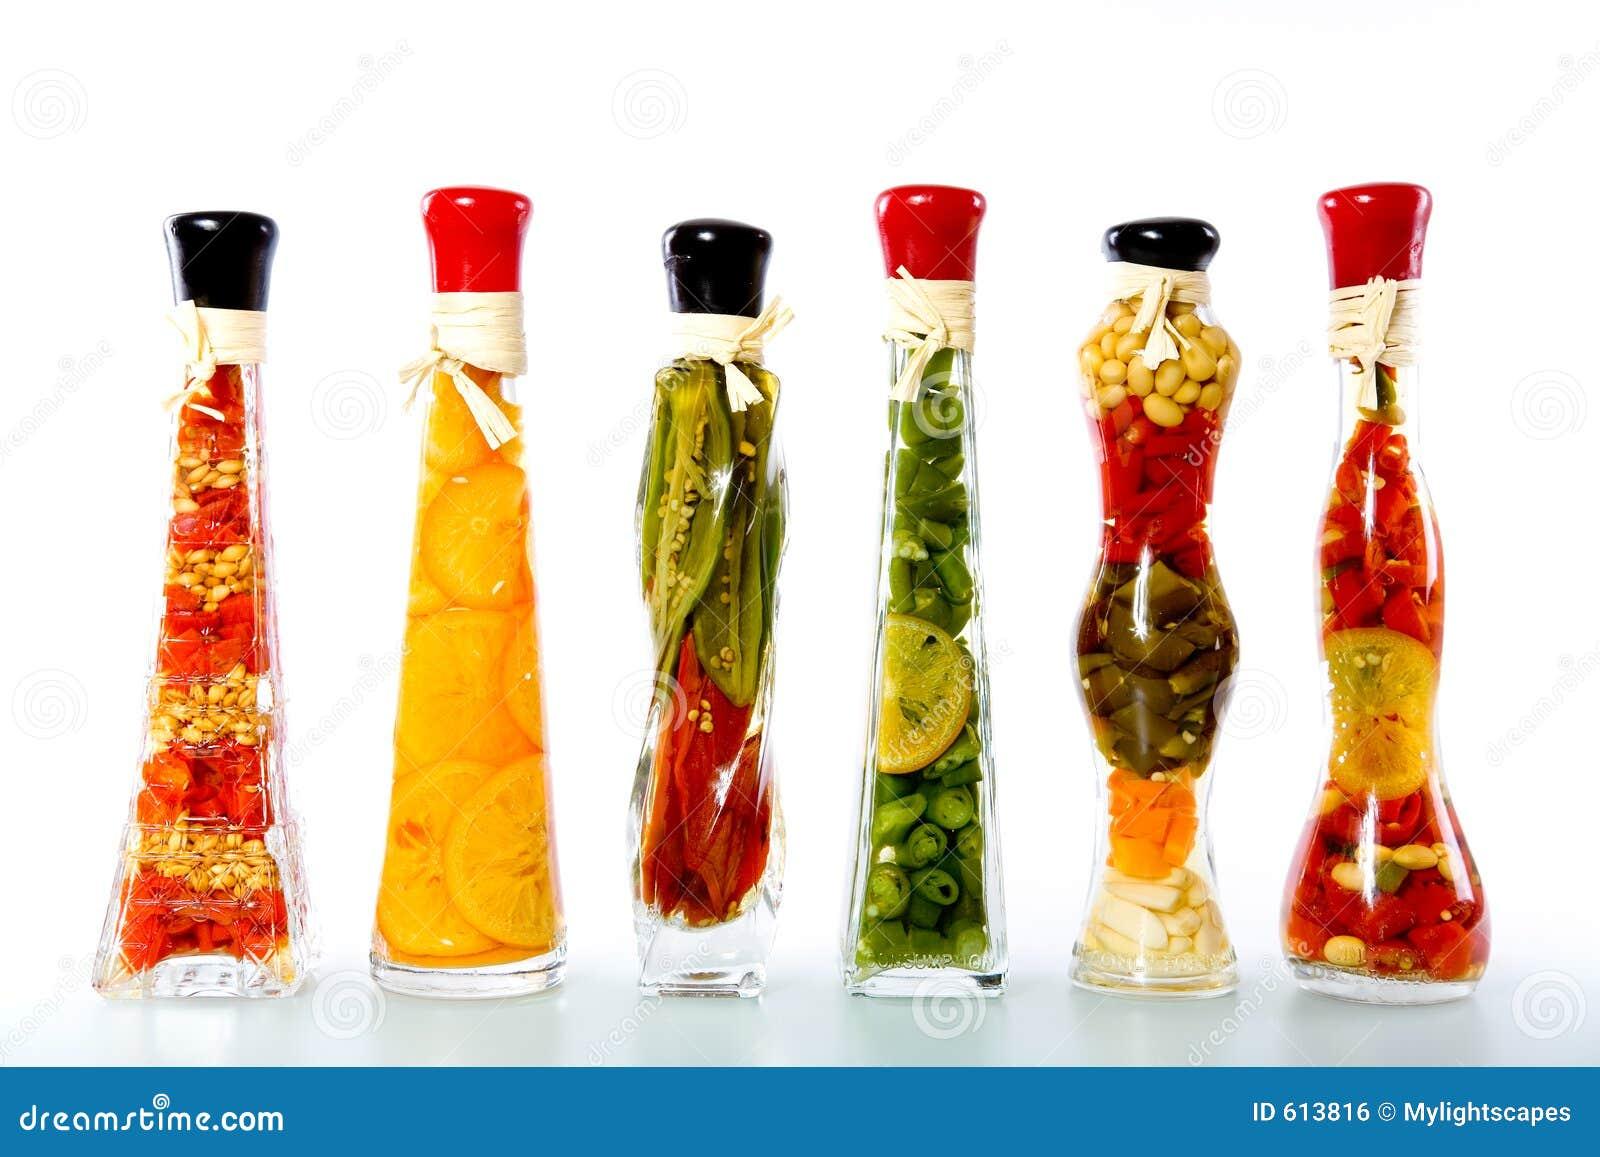 Как сделать декоративную бутылку с овощами